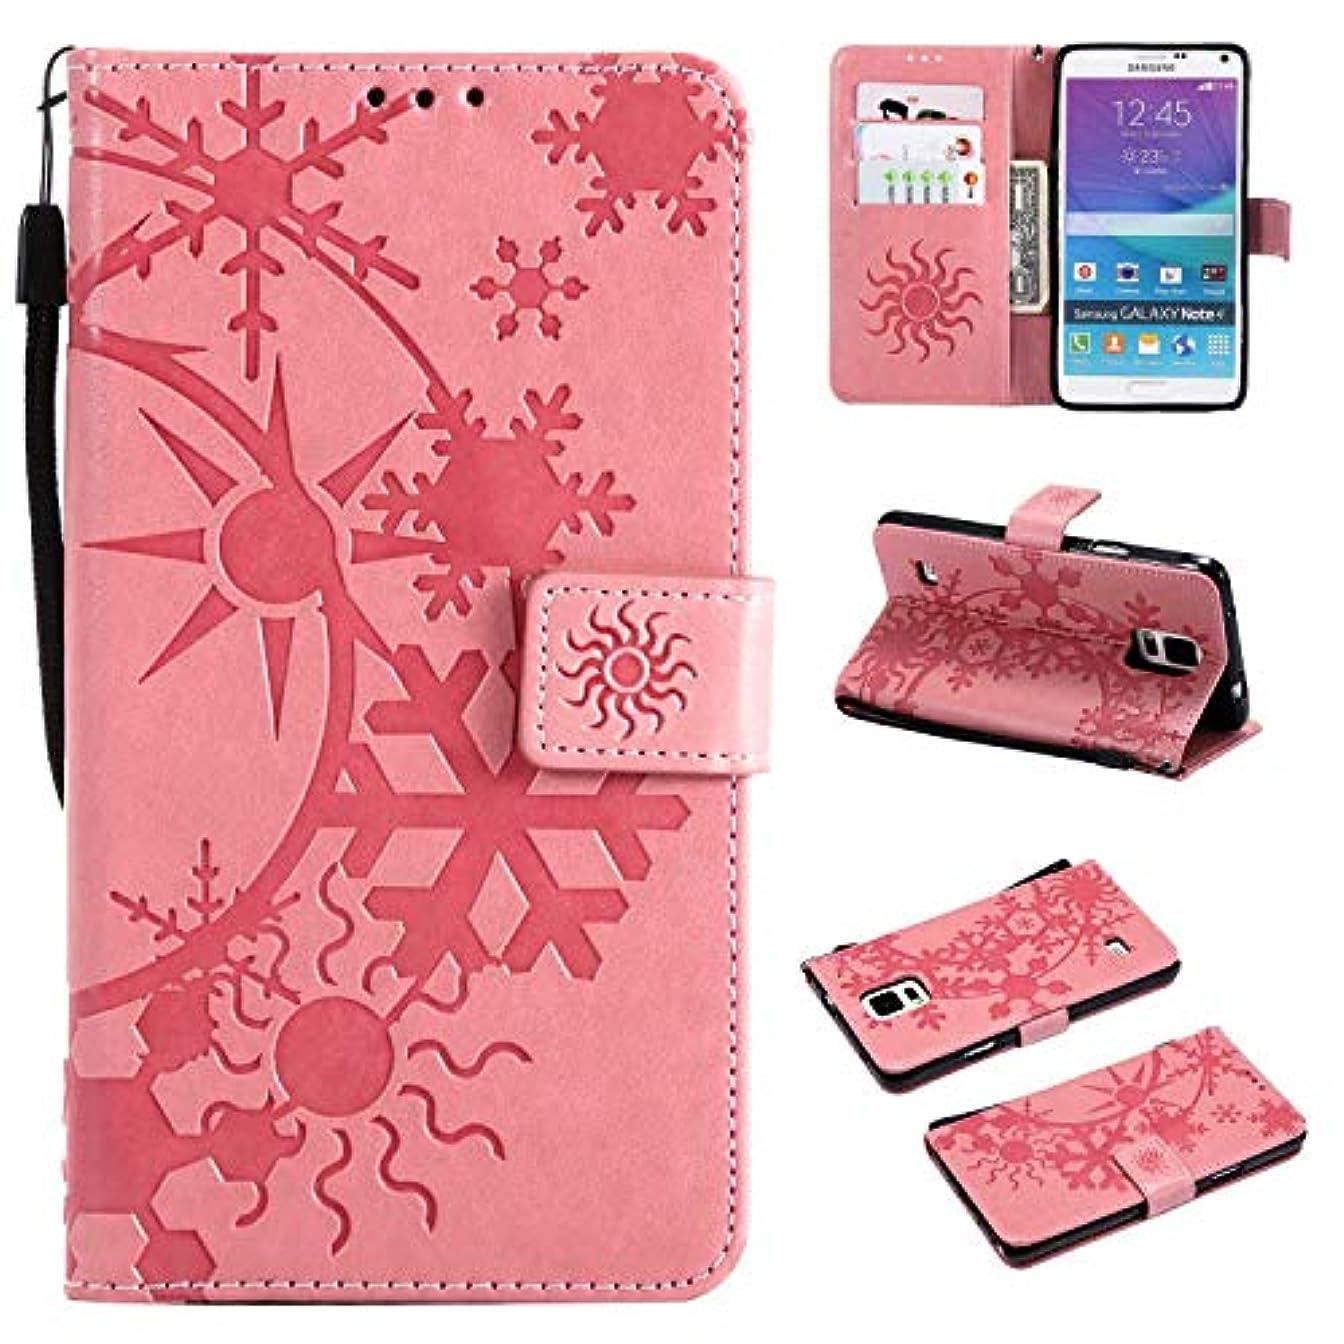 厚くする花束しかしながらGalaxy Note 4 ケース CUSKING 手帳型 ケース ストラップ付き かわいい 財布 カバー カードポケット付き Samsung ギャラクシー Note 4 マジックアレイ ケース - ピンク